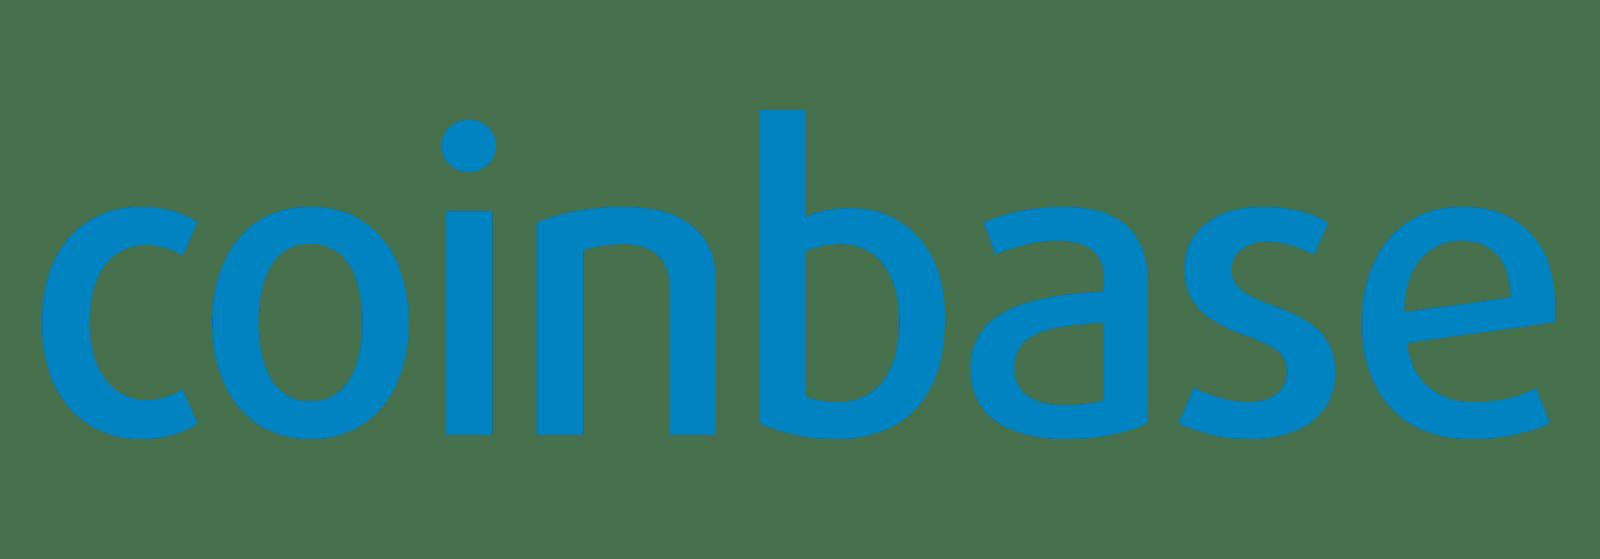 Logotipo de intercambio de criptomonedas de Coinbase